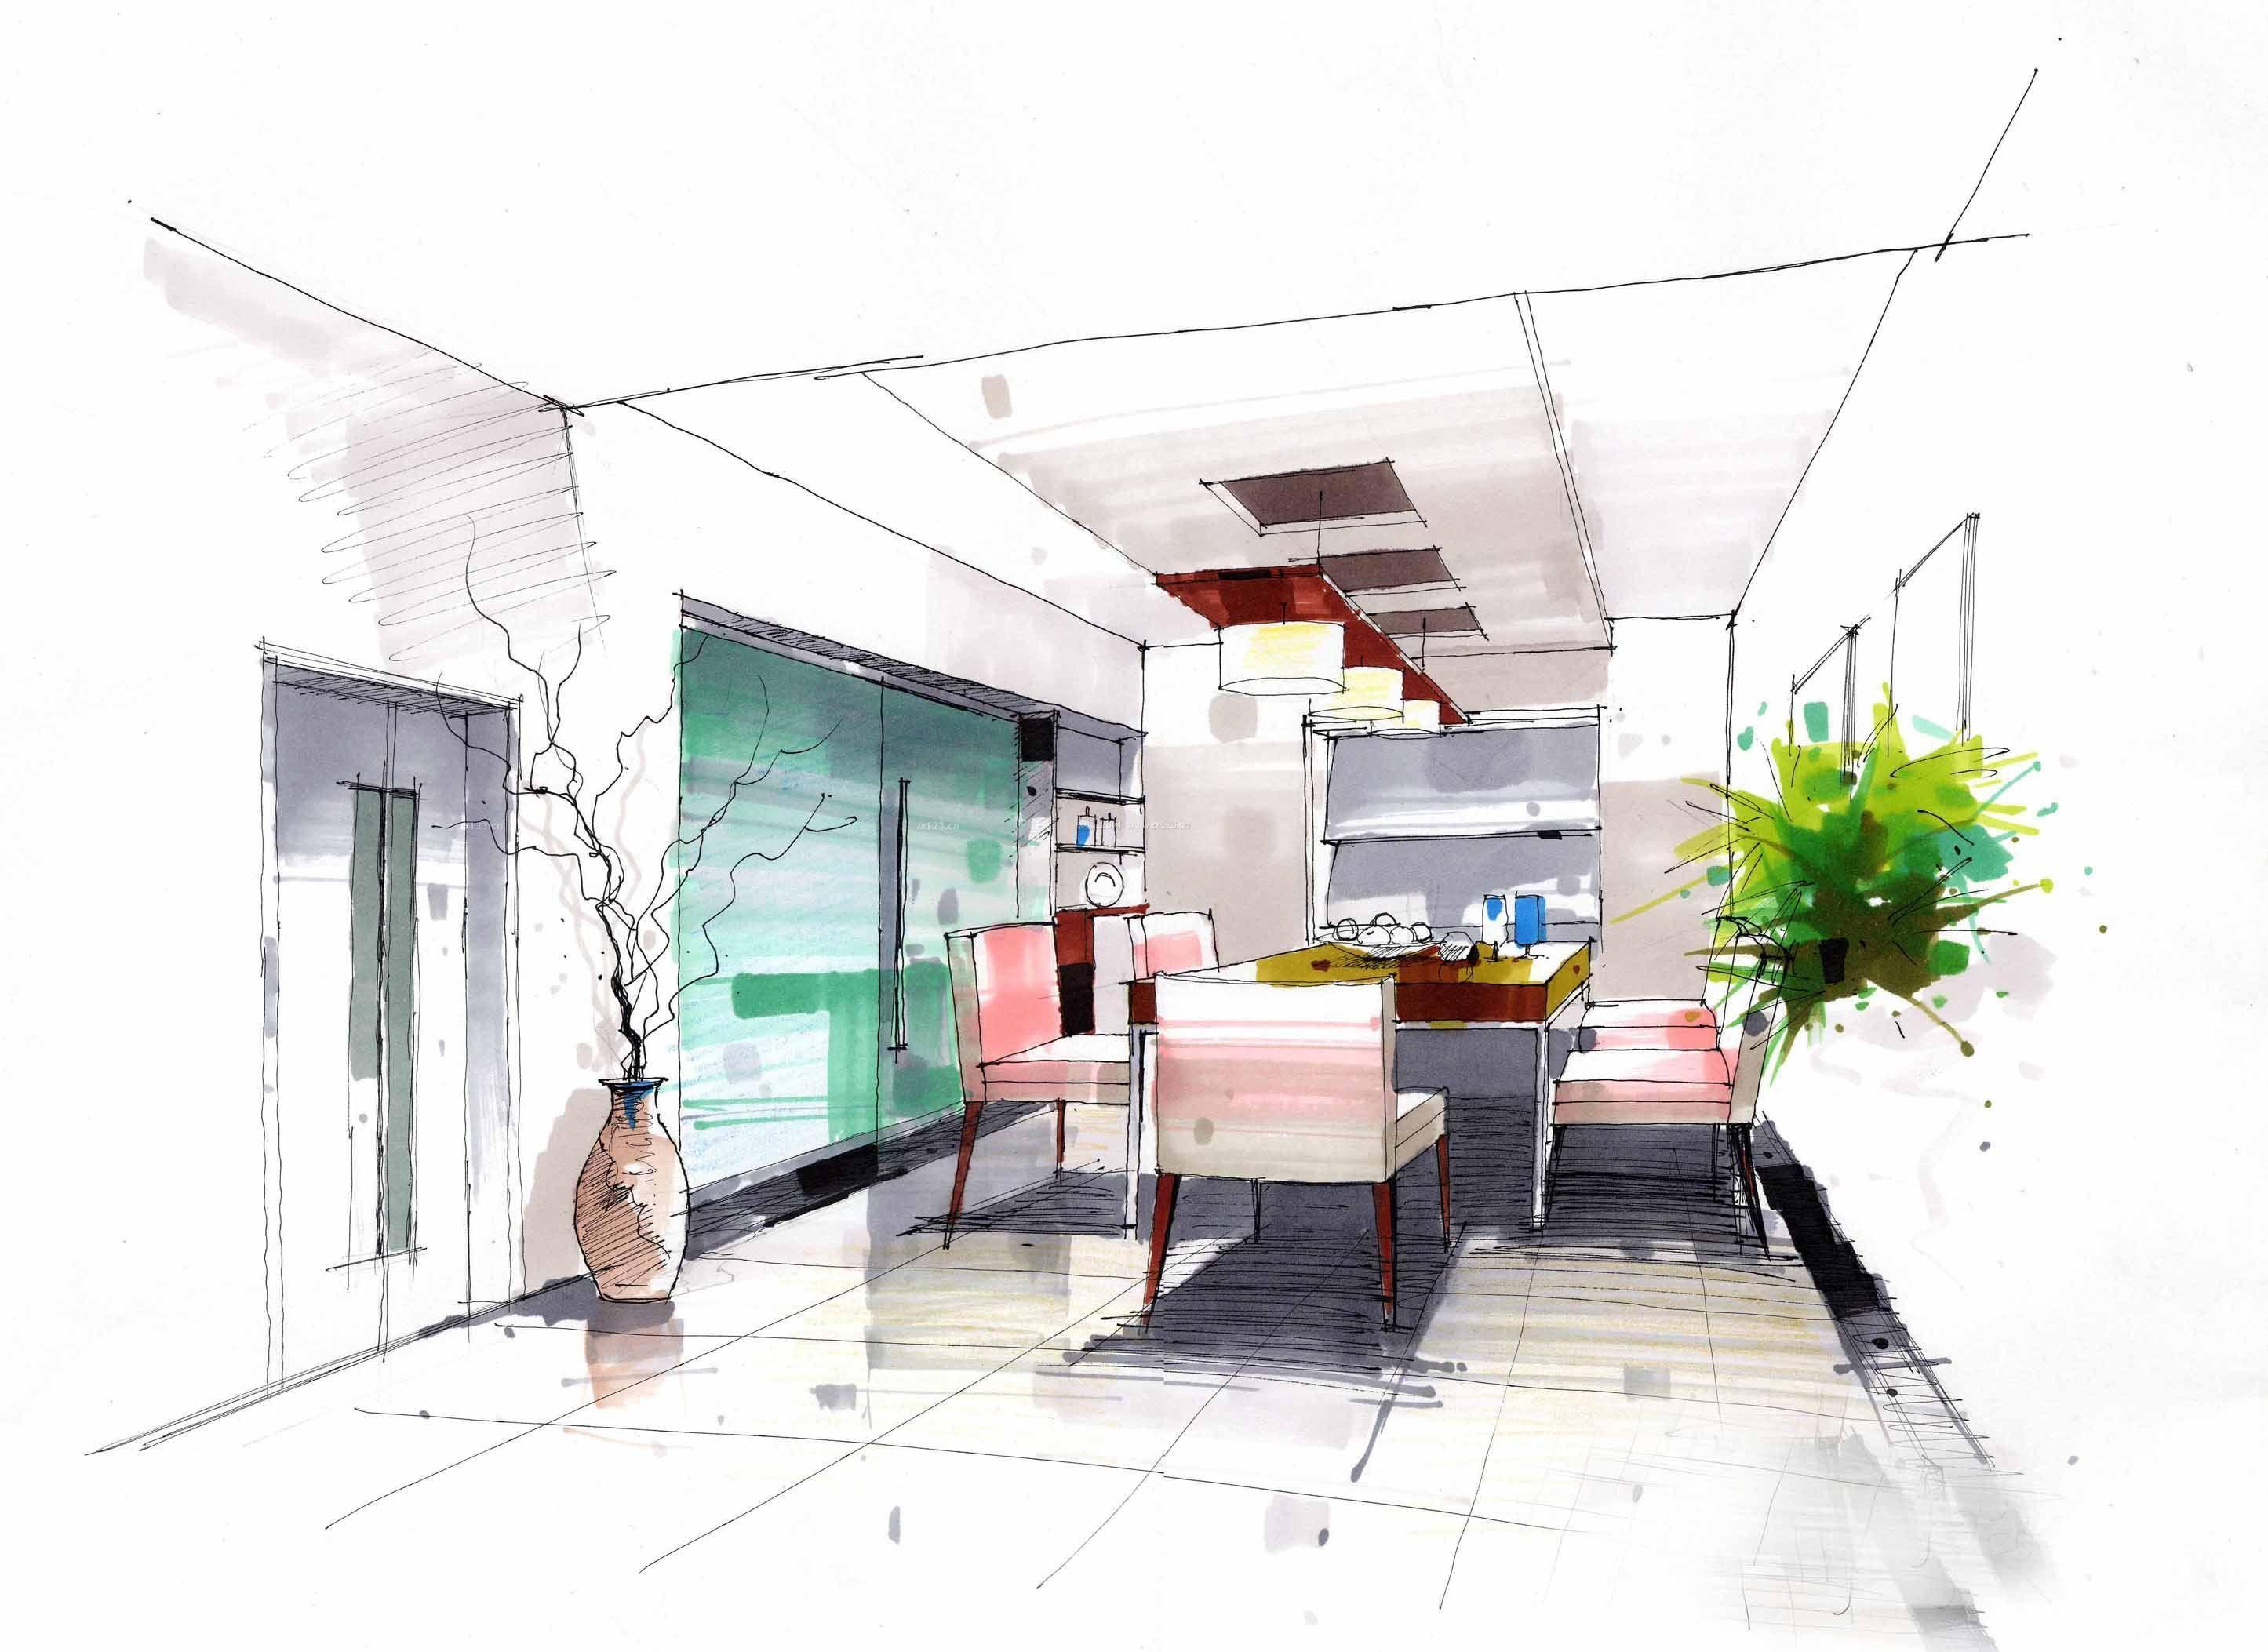 家装效果图 简约 简约风格餐厅手绘效果图 提供者:   ← → 可以翻页